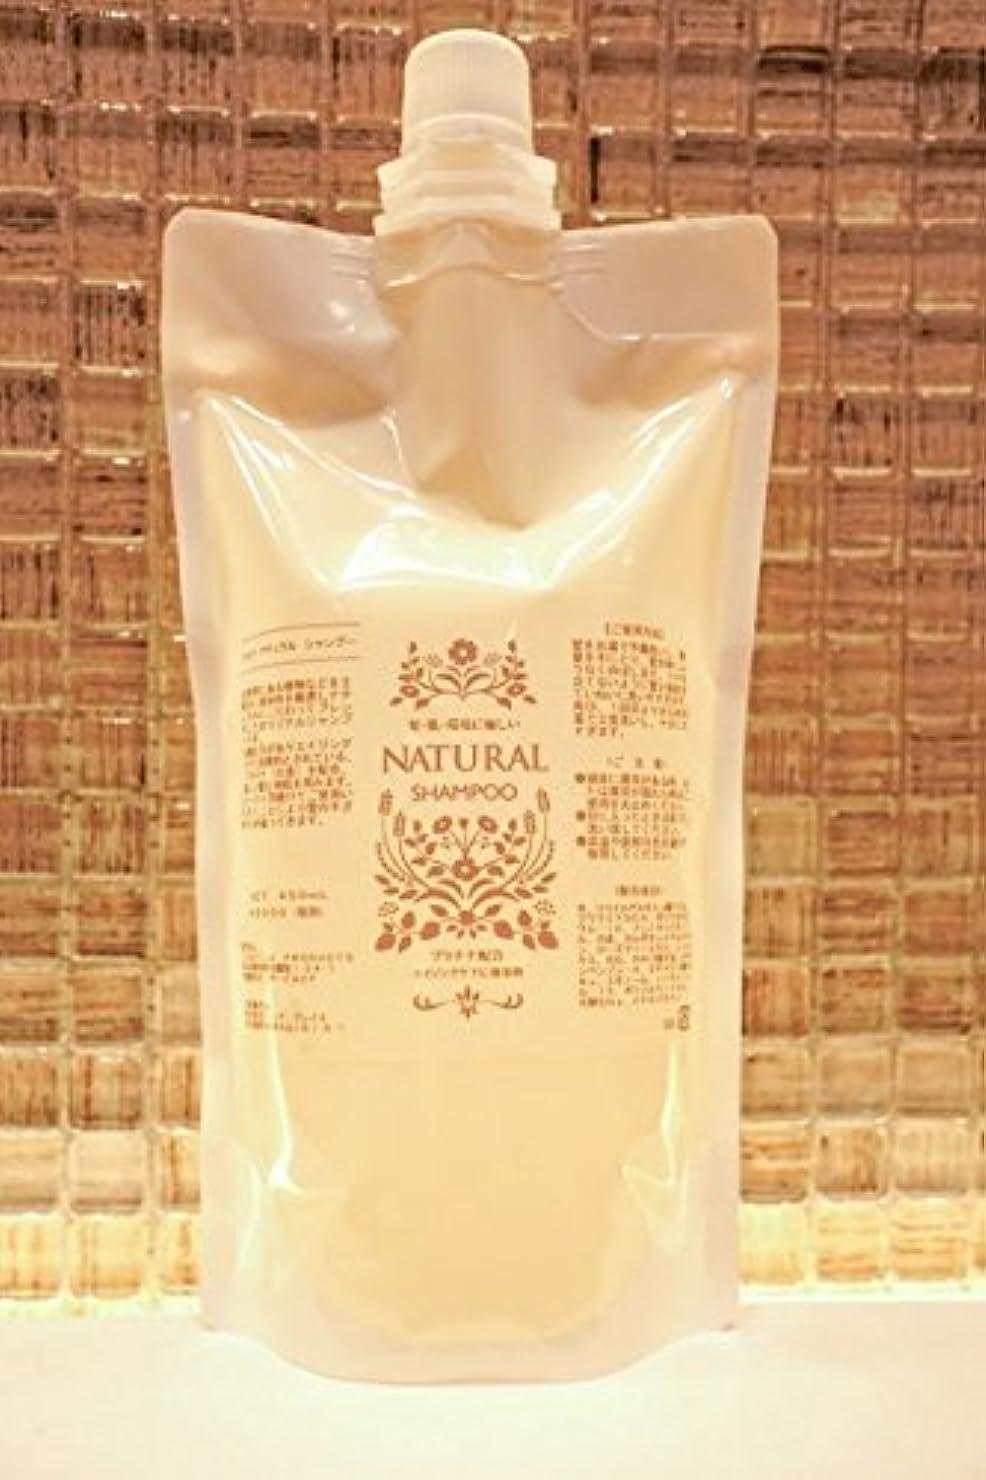 期限定義やろうÇÁETLÁ NATURAL シャンプー 450ml 詰替え用(花の香り)